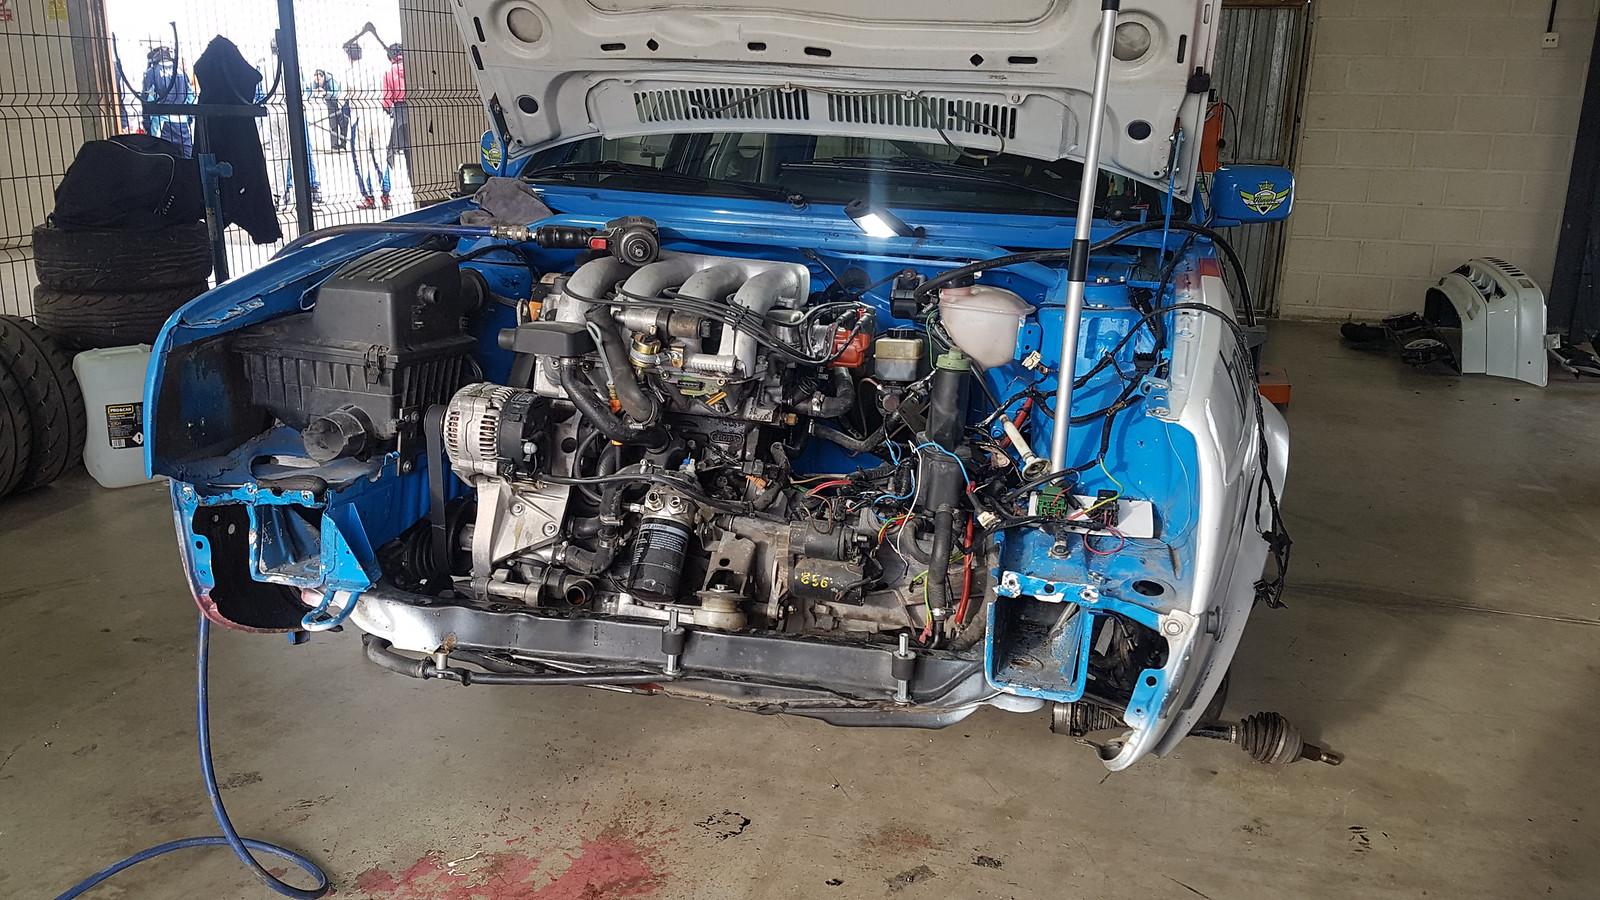 Listos para extraer el motor roto